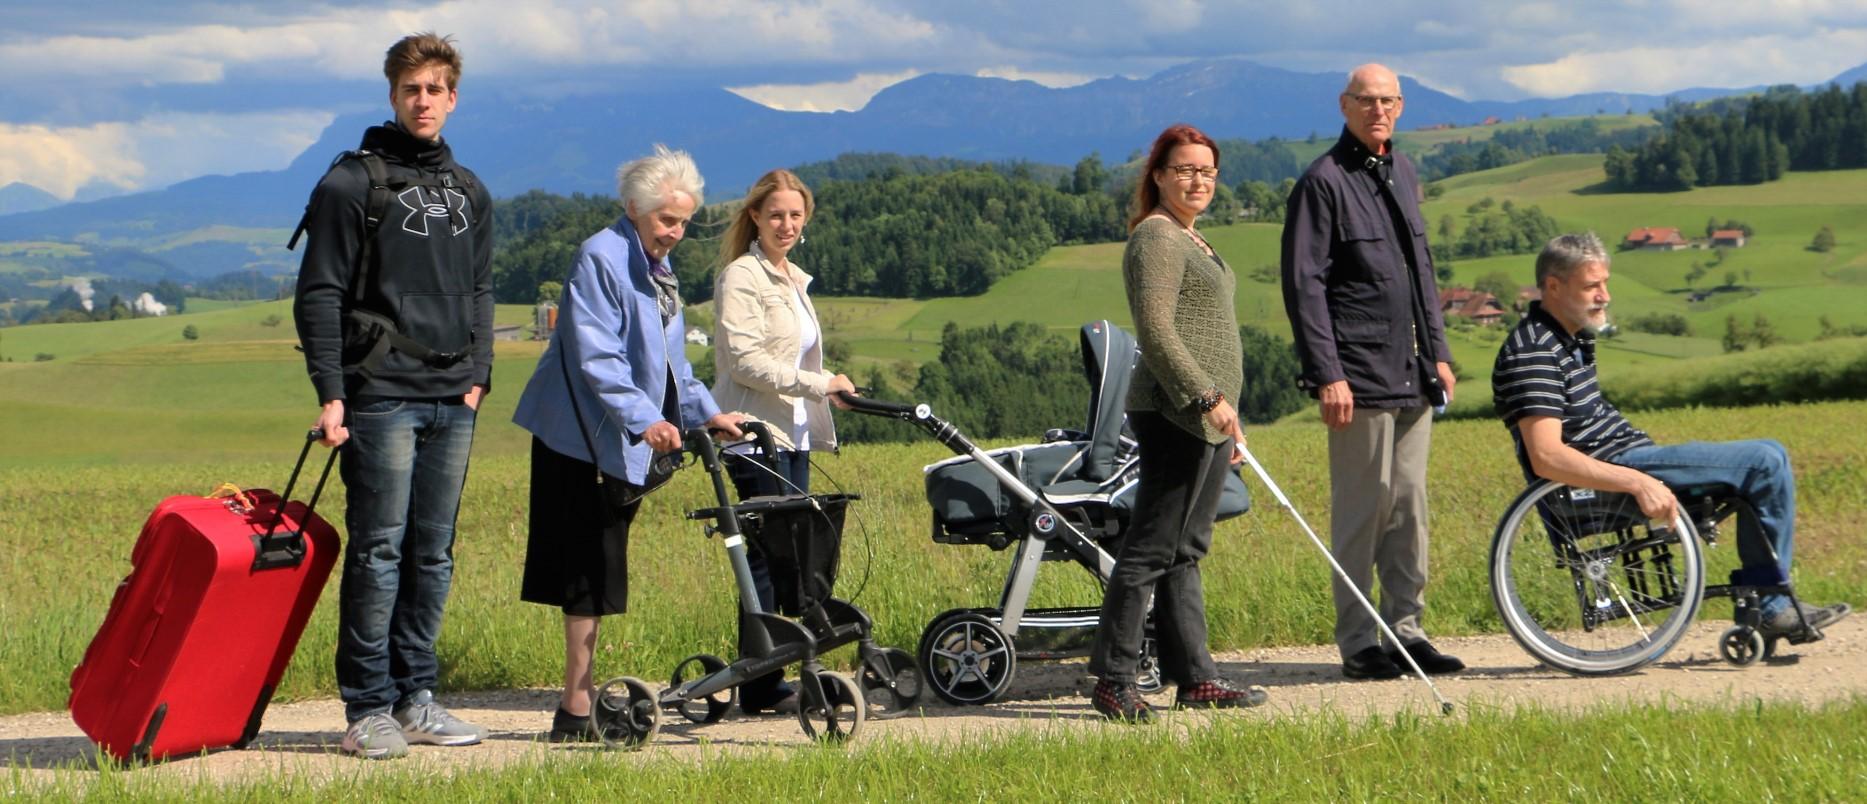 Sechs Personen auf einem Weg zwischen Wiesen, davon fünf mit Reisekoffer, Gehhilfe, Kinderwagen, Blindenstock oder Rollstuhl – Sie alle profitieren von einer hindernisfreien Bauweise.